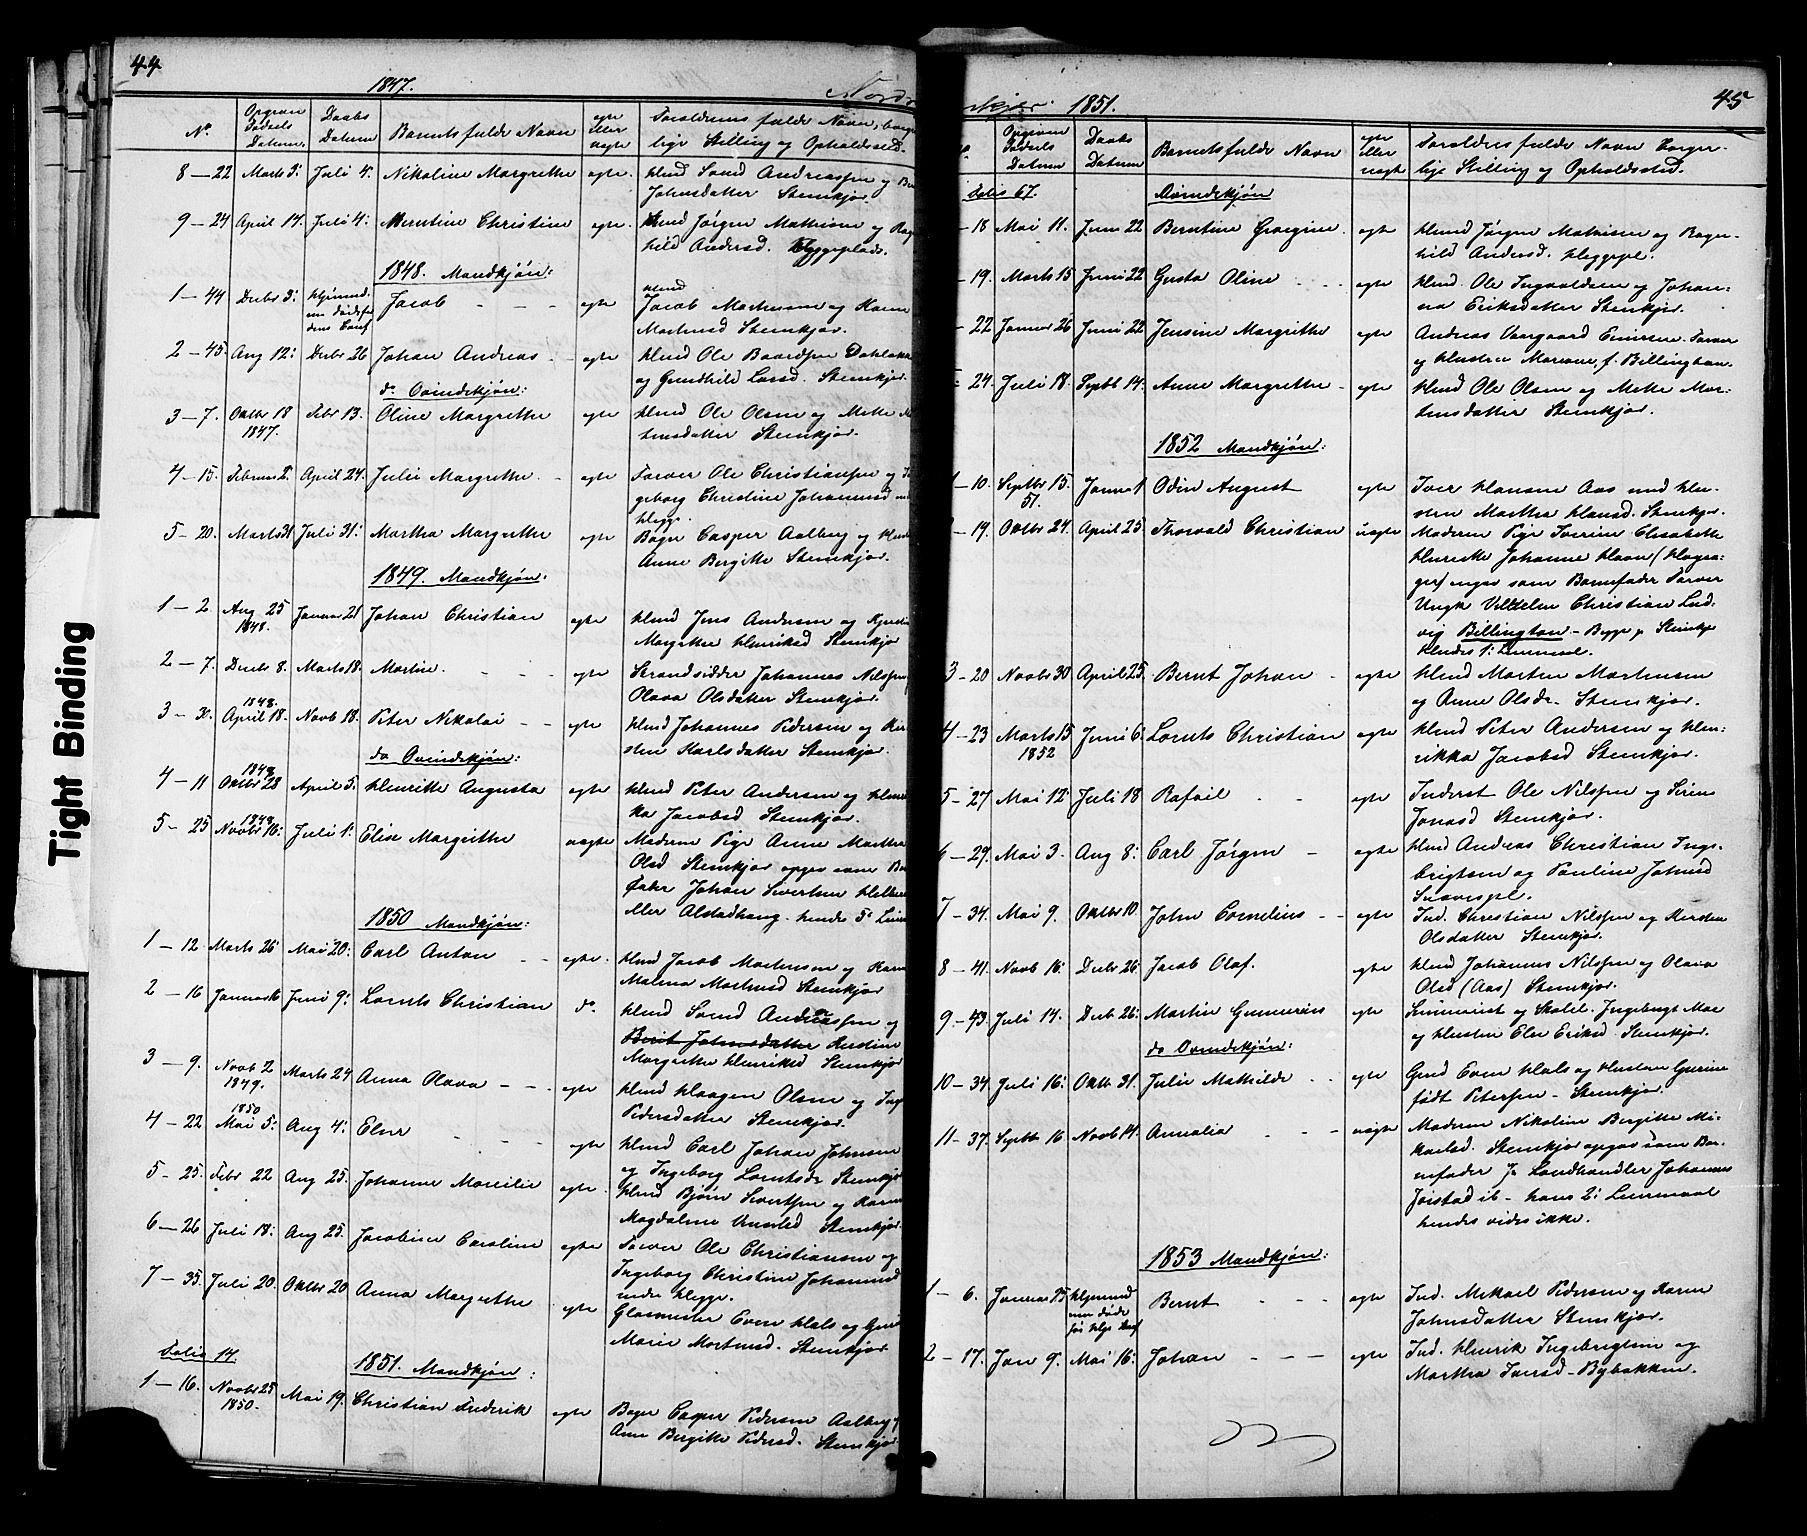 SAT, Ministerialprotokoller, klokkerbøker og fødselsregistre - Nord-Trøndelag, 739/L0367: Ministerialbok nr. 739A01 /2, 1838-1868, s. 44-45